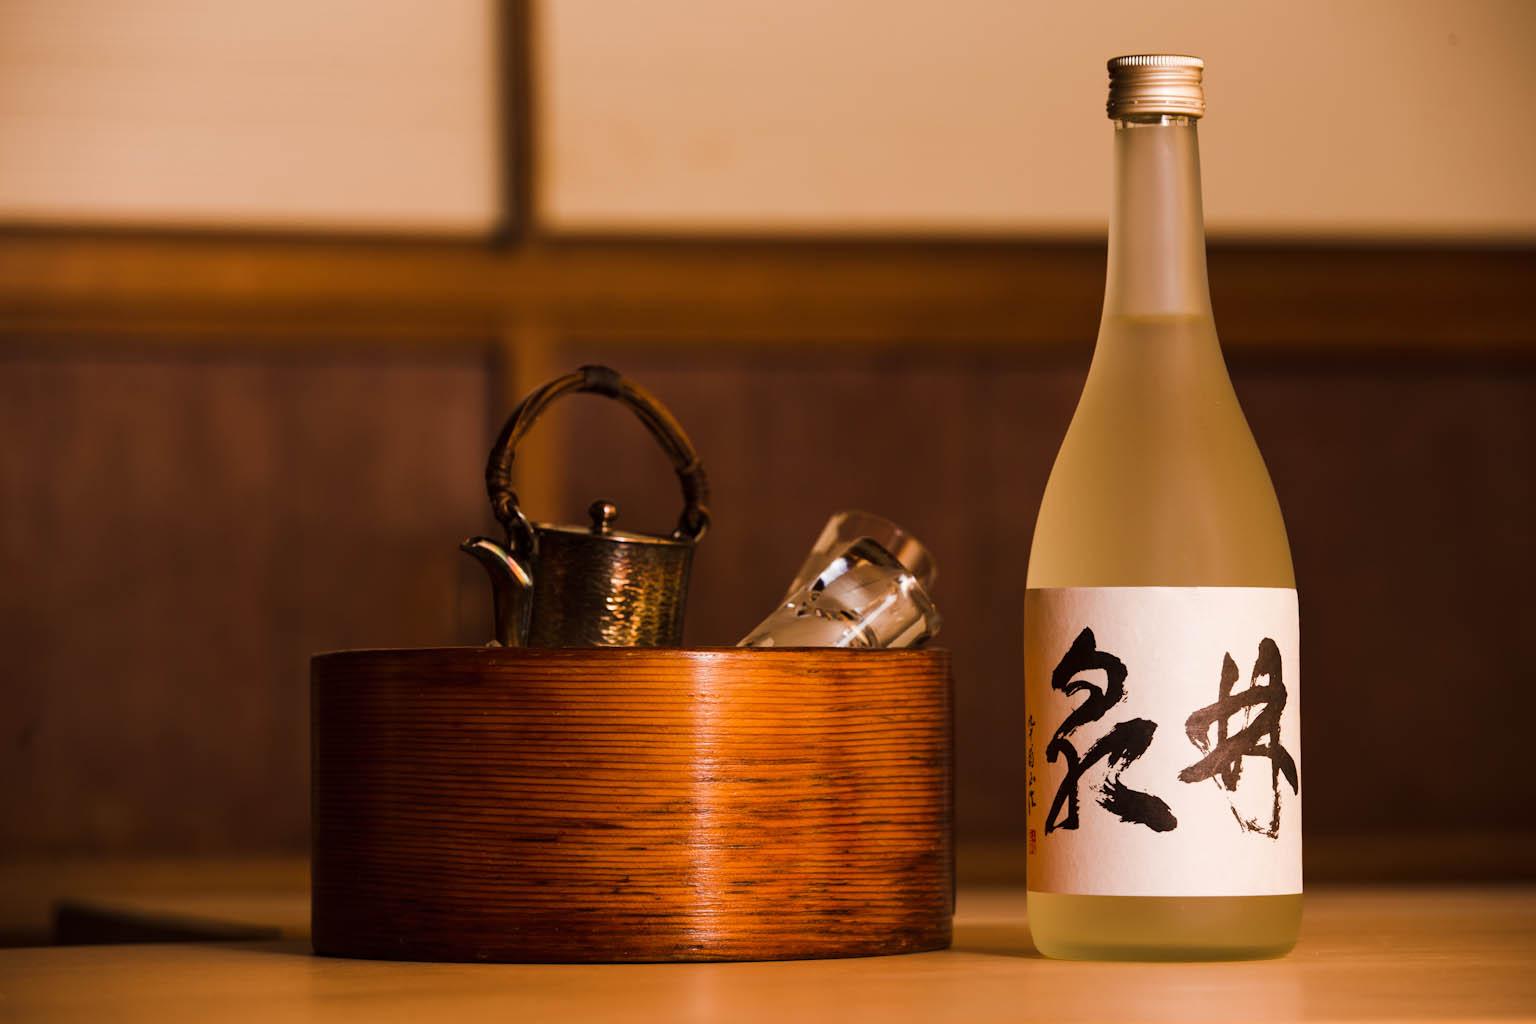 Oryori Hayashi item #1